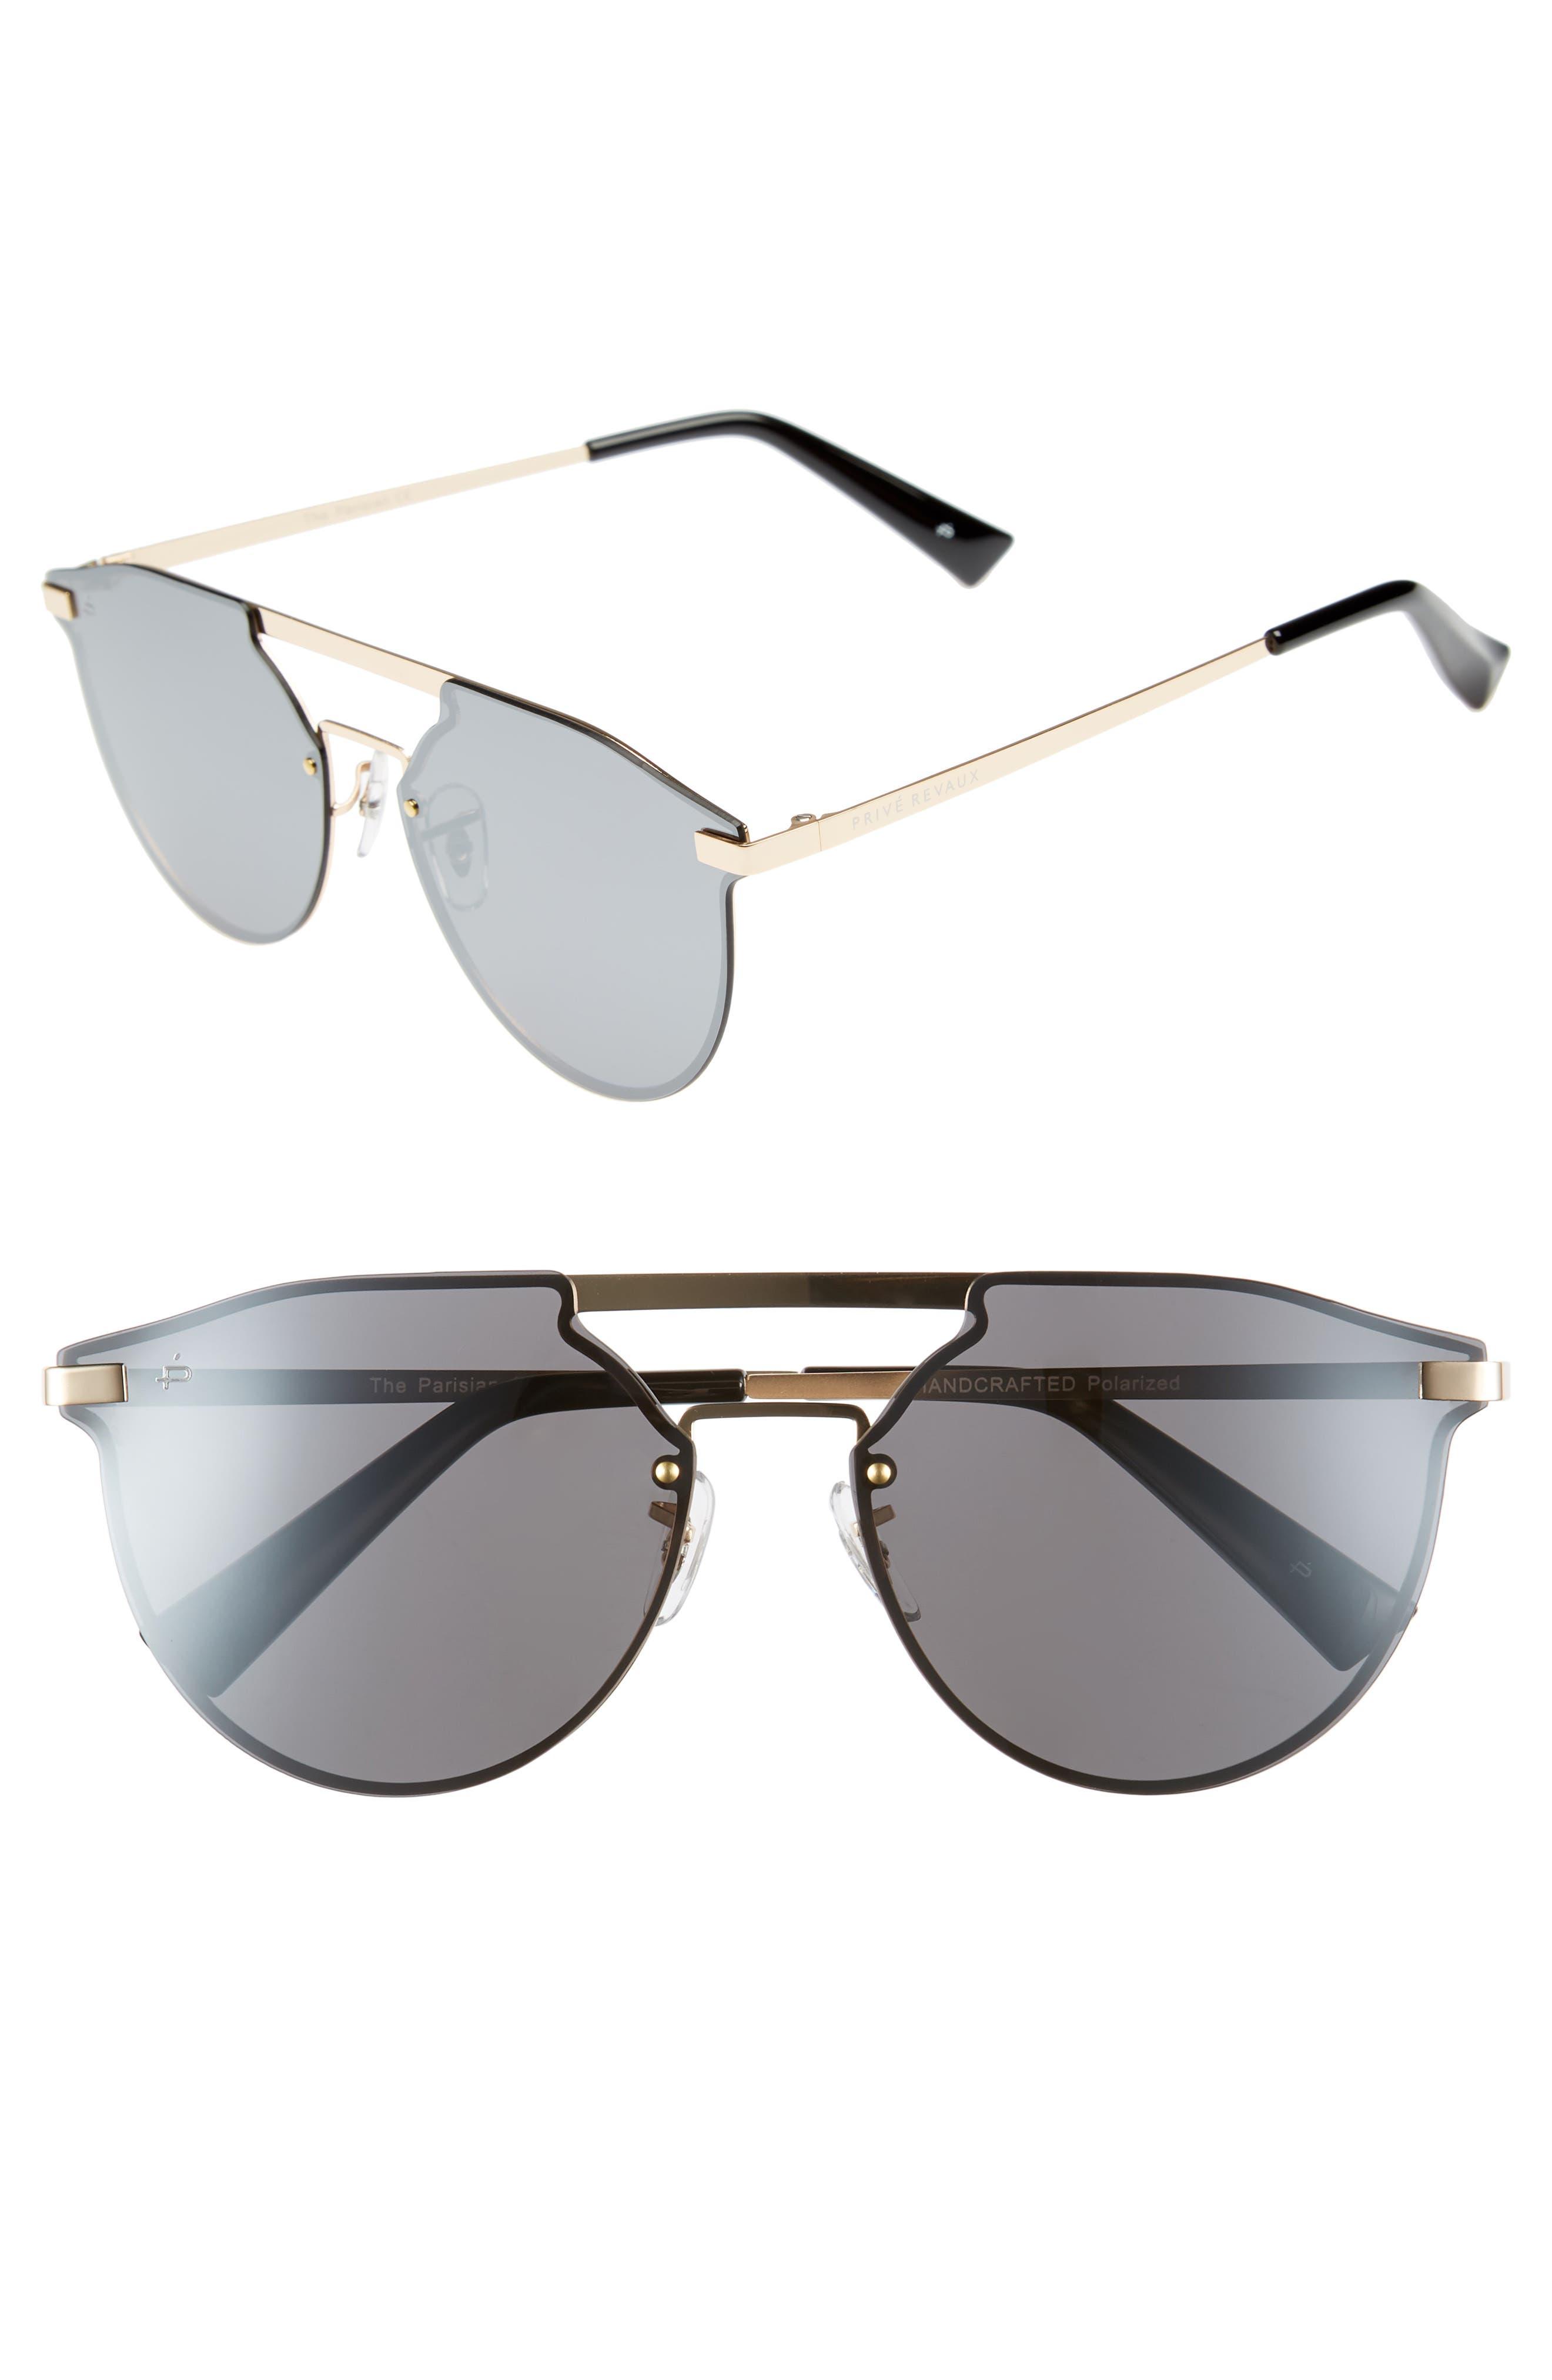 Privé Revaux The Parisian 62mm Aviator Sunglasses